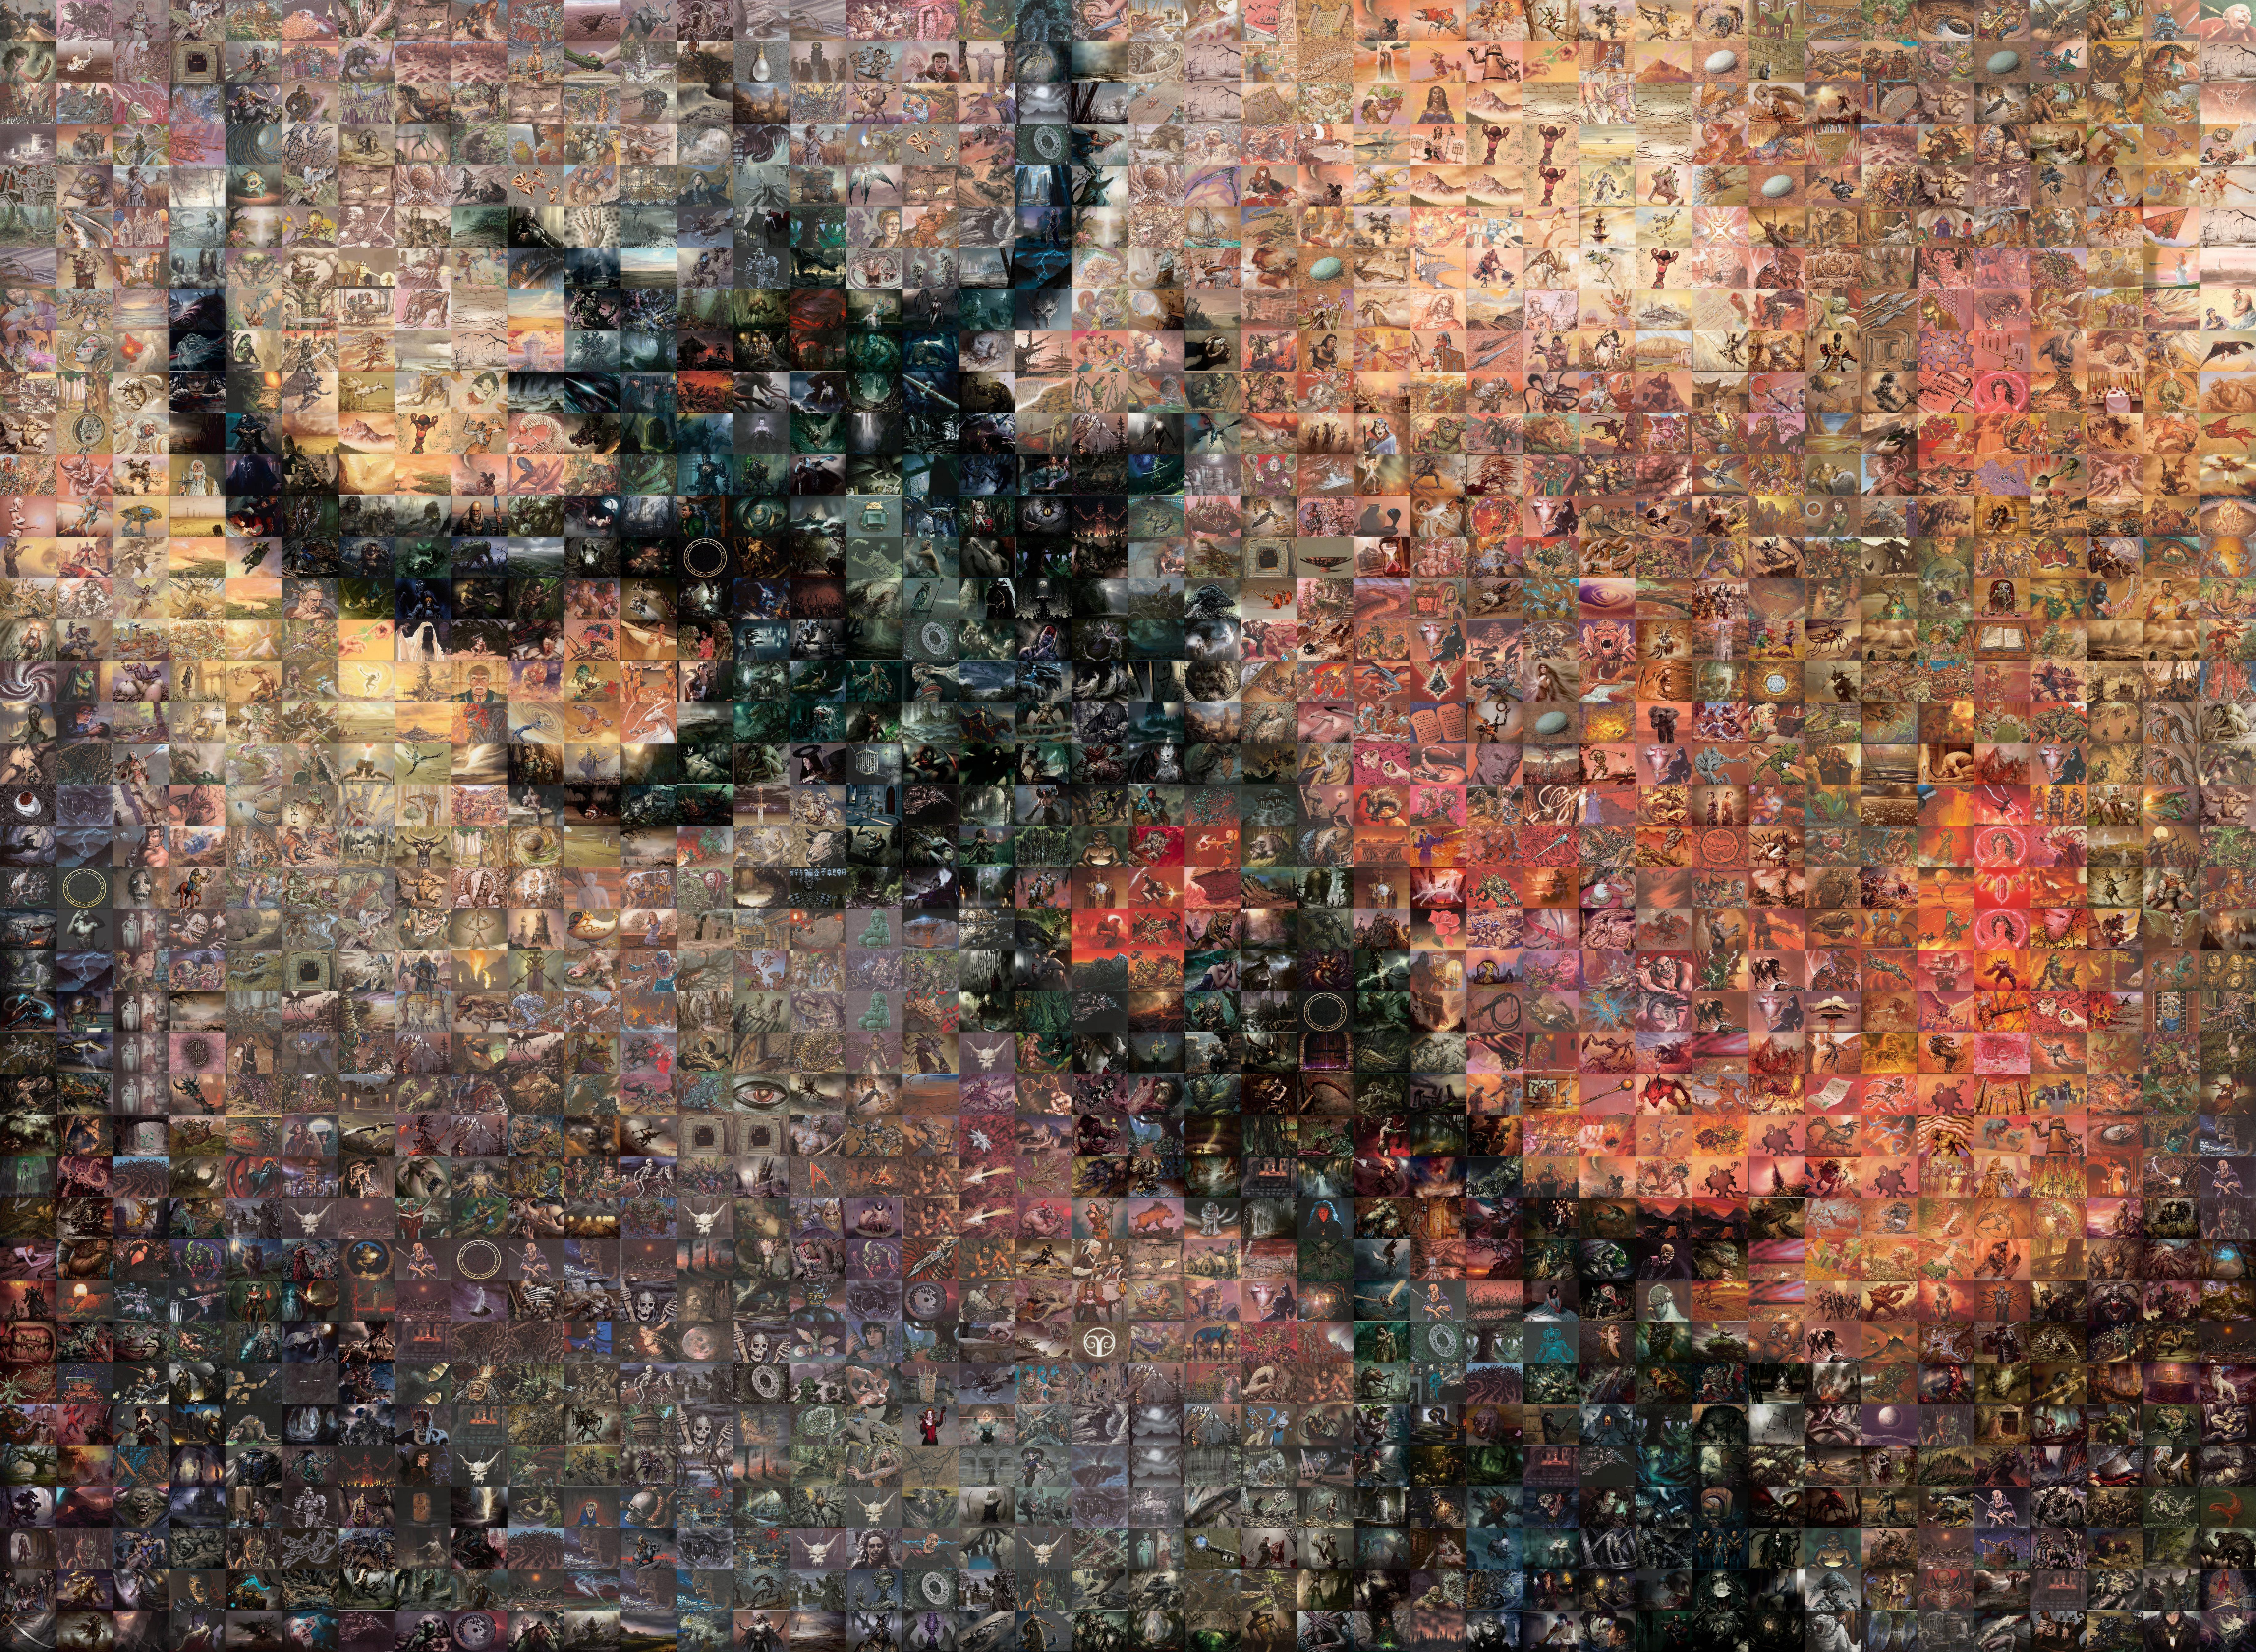 rakdos-keyrune-mosaic.jpg